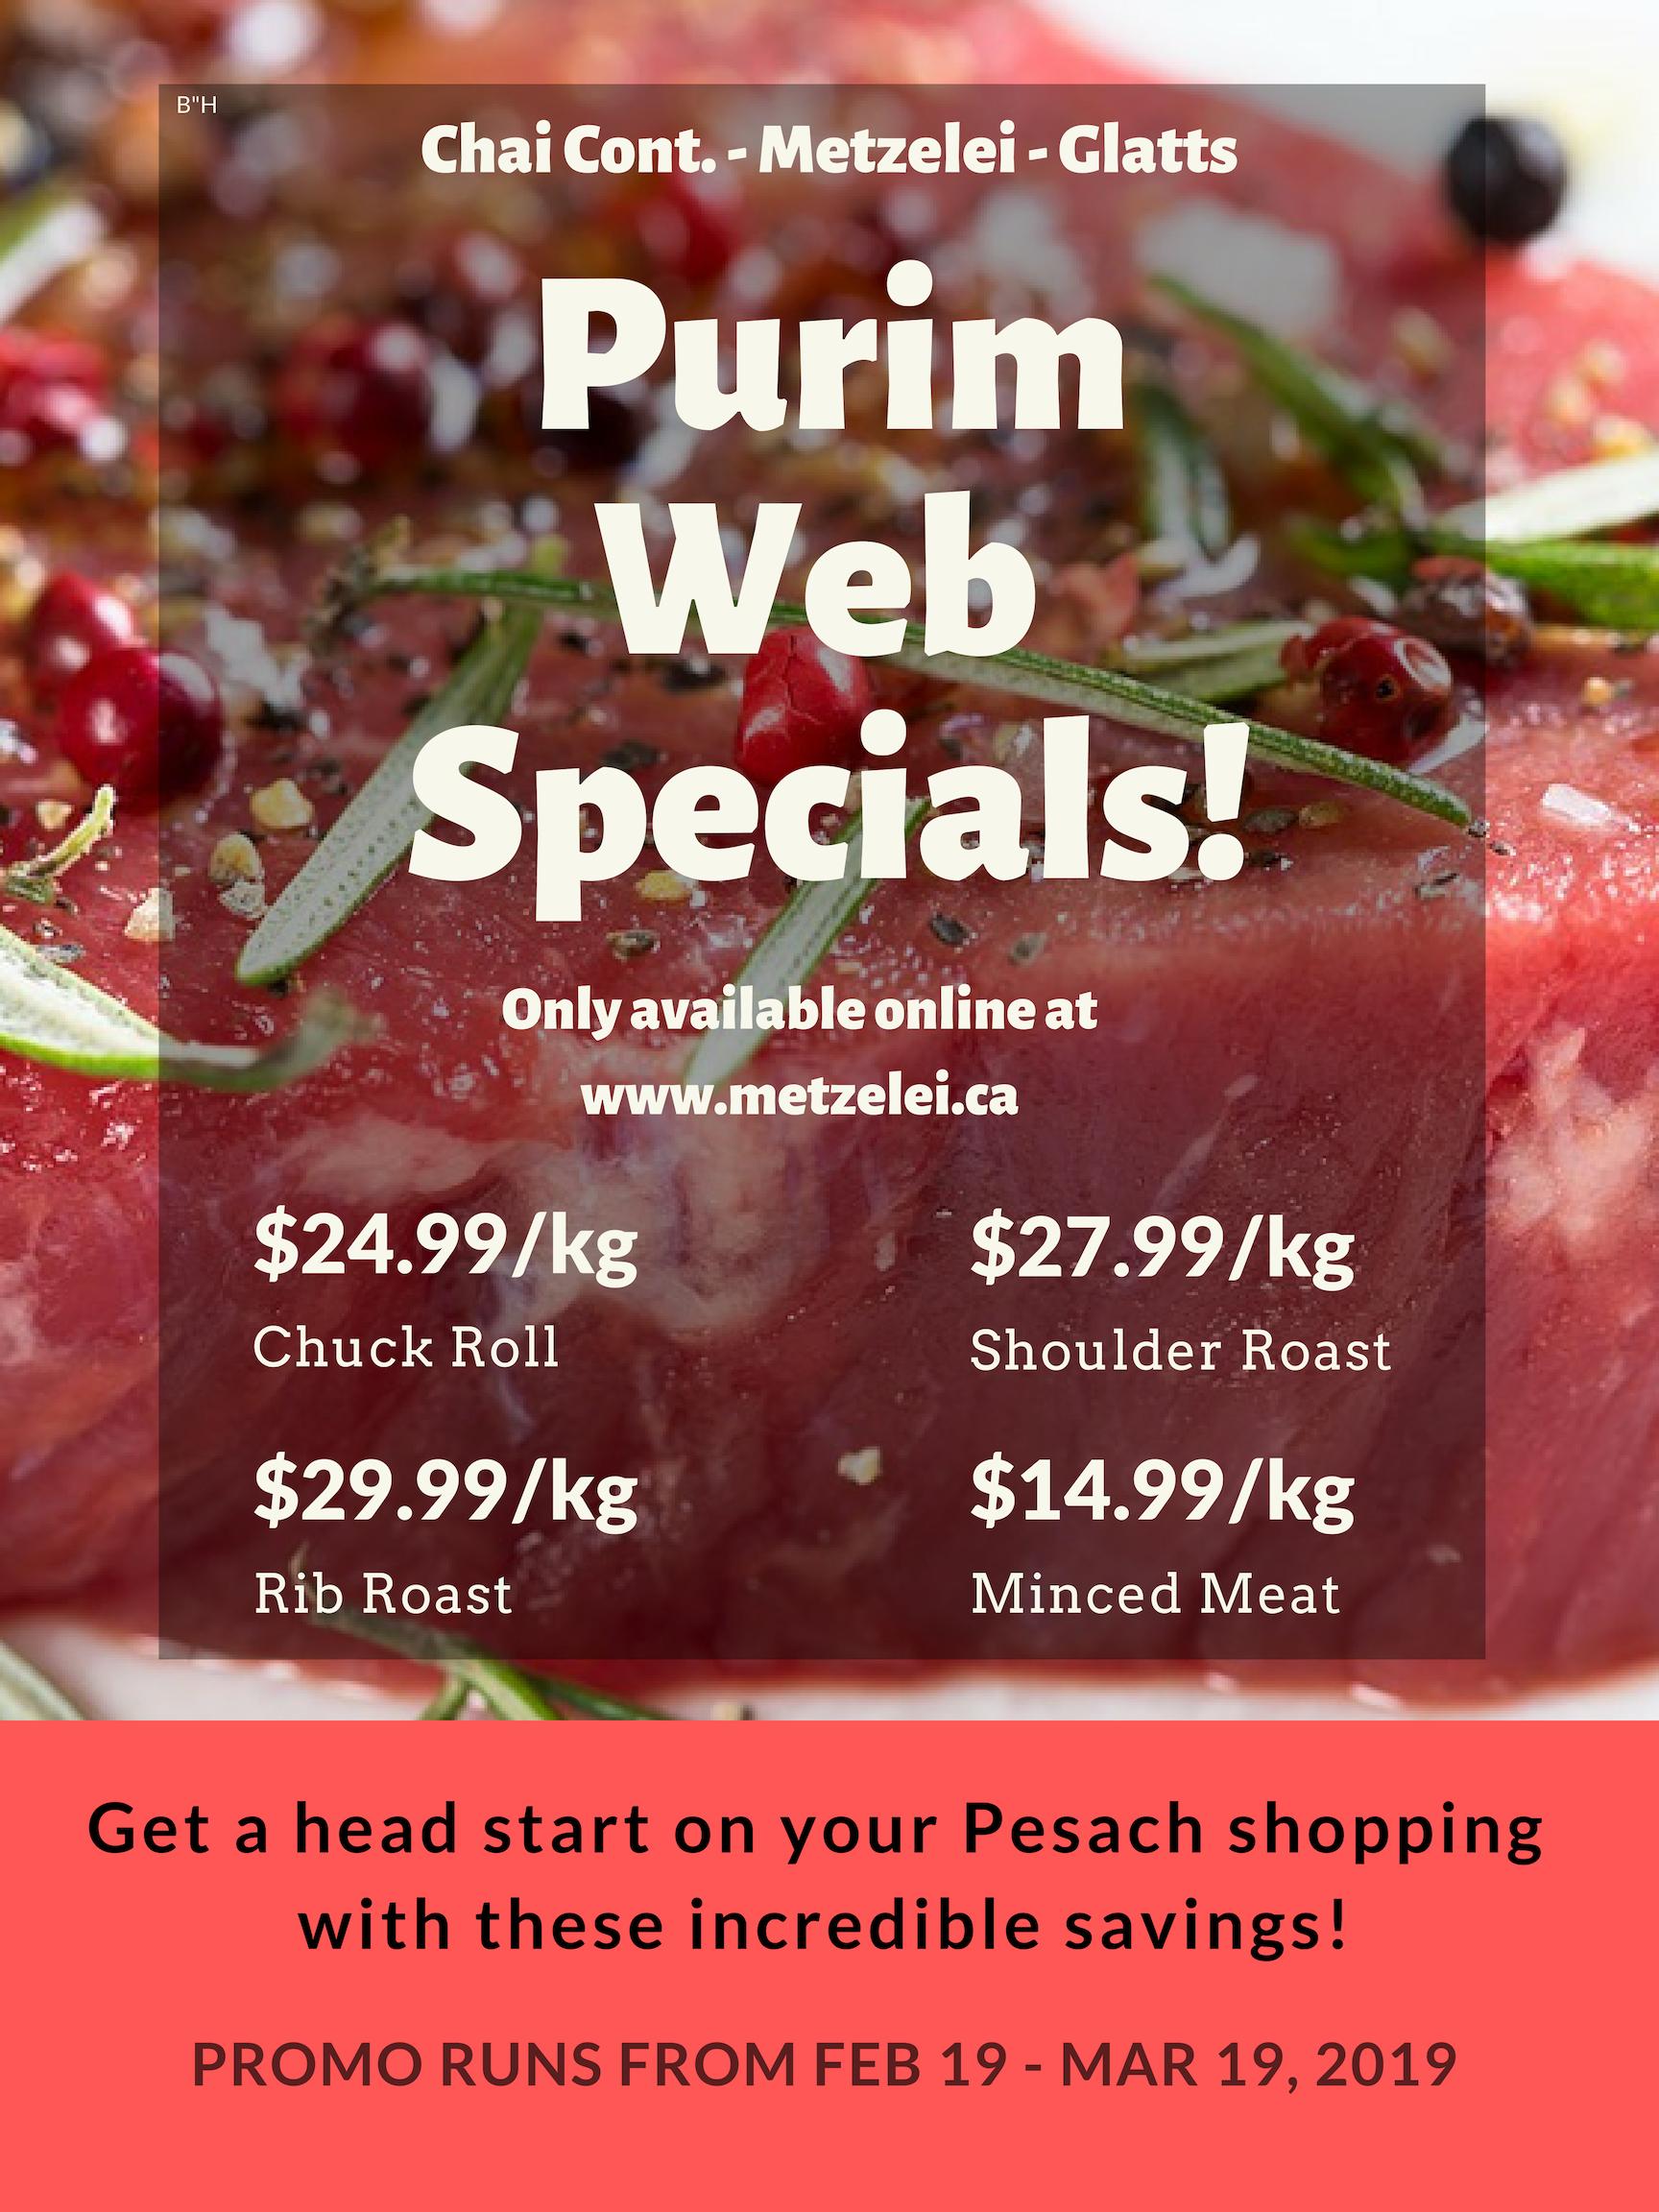 Purim Specials